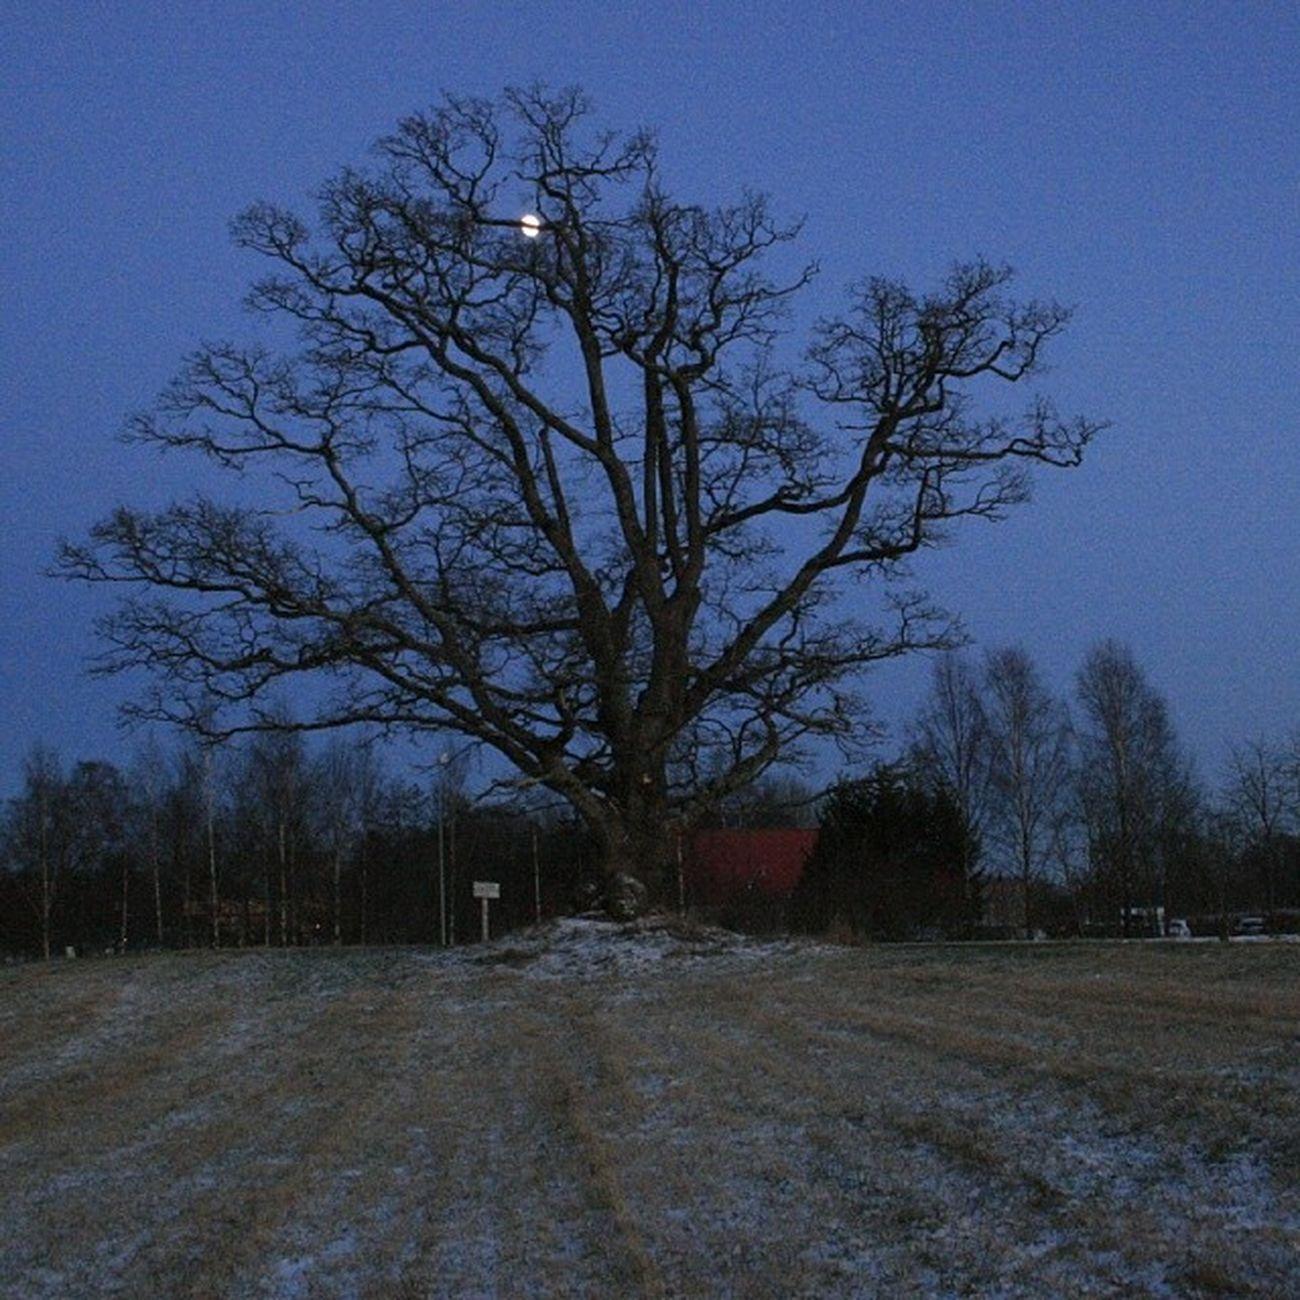 Ilovenorway Ilovenorway_akershus Follo   ås worldunion wu_norway winter frost evening moon ig_week_trees ig_week ig_week_winter ig_world ig_norway